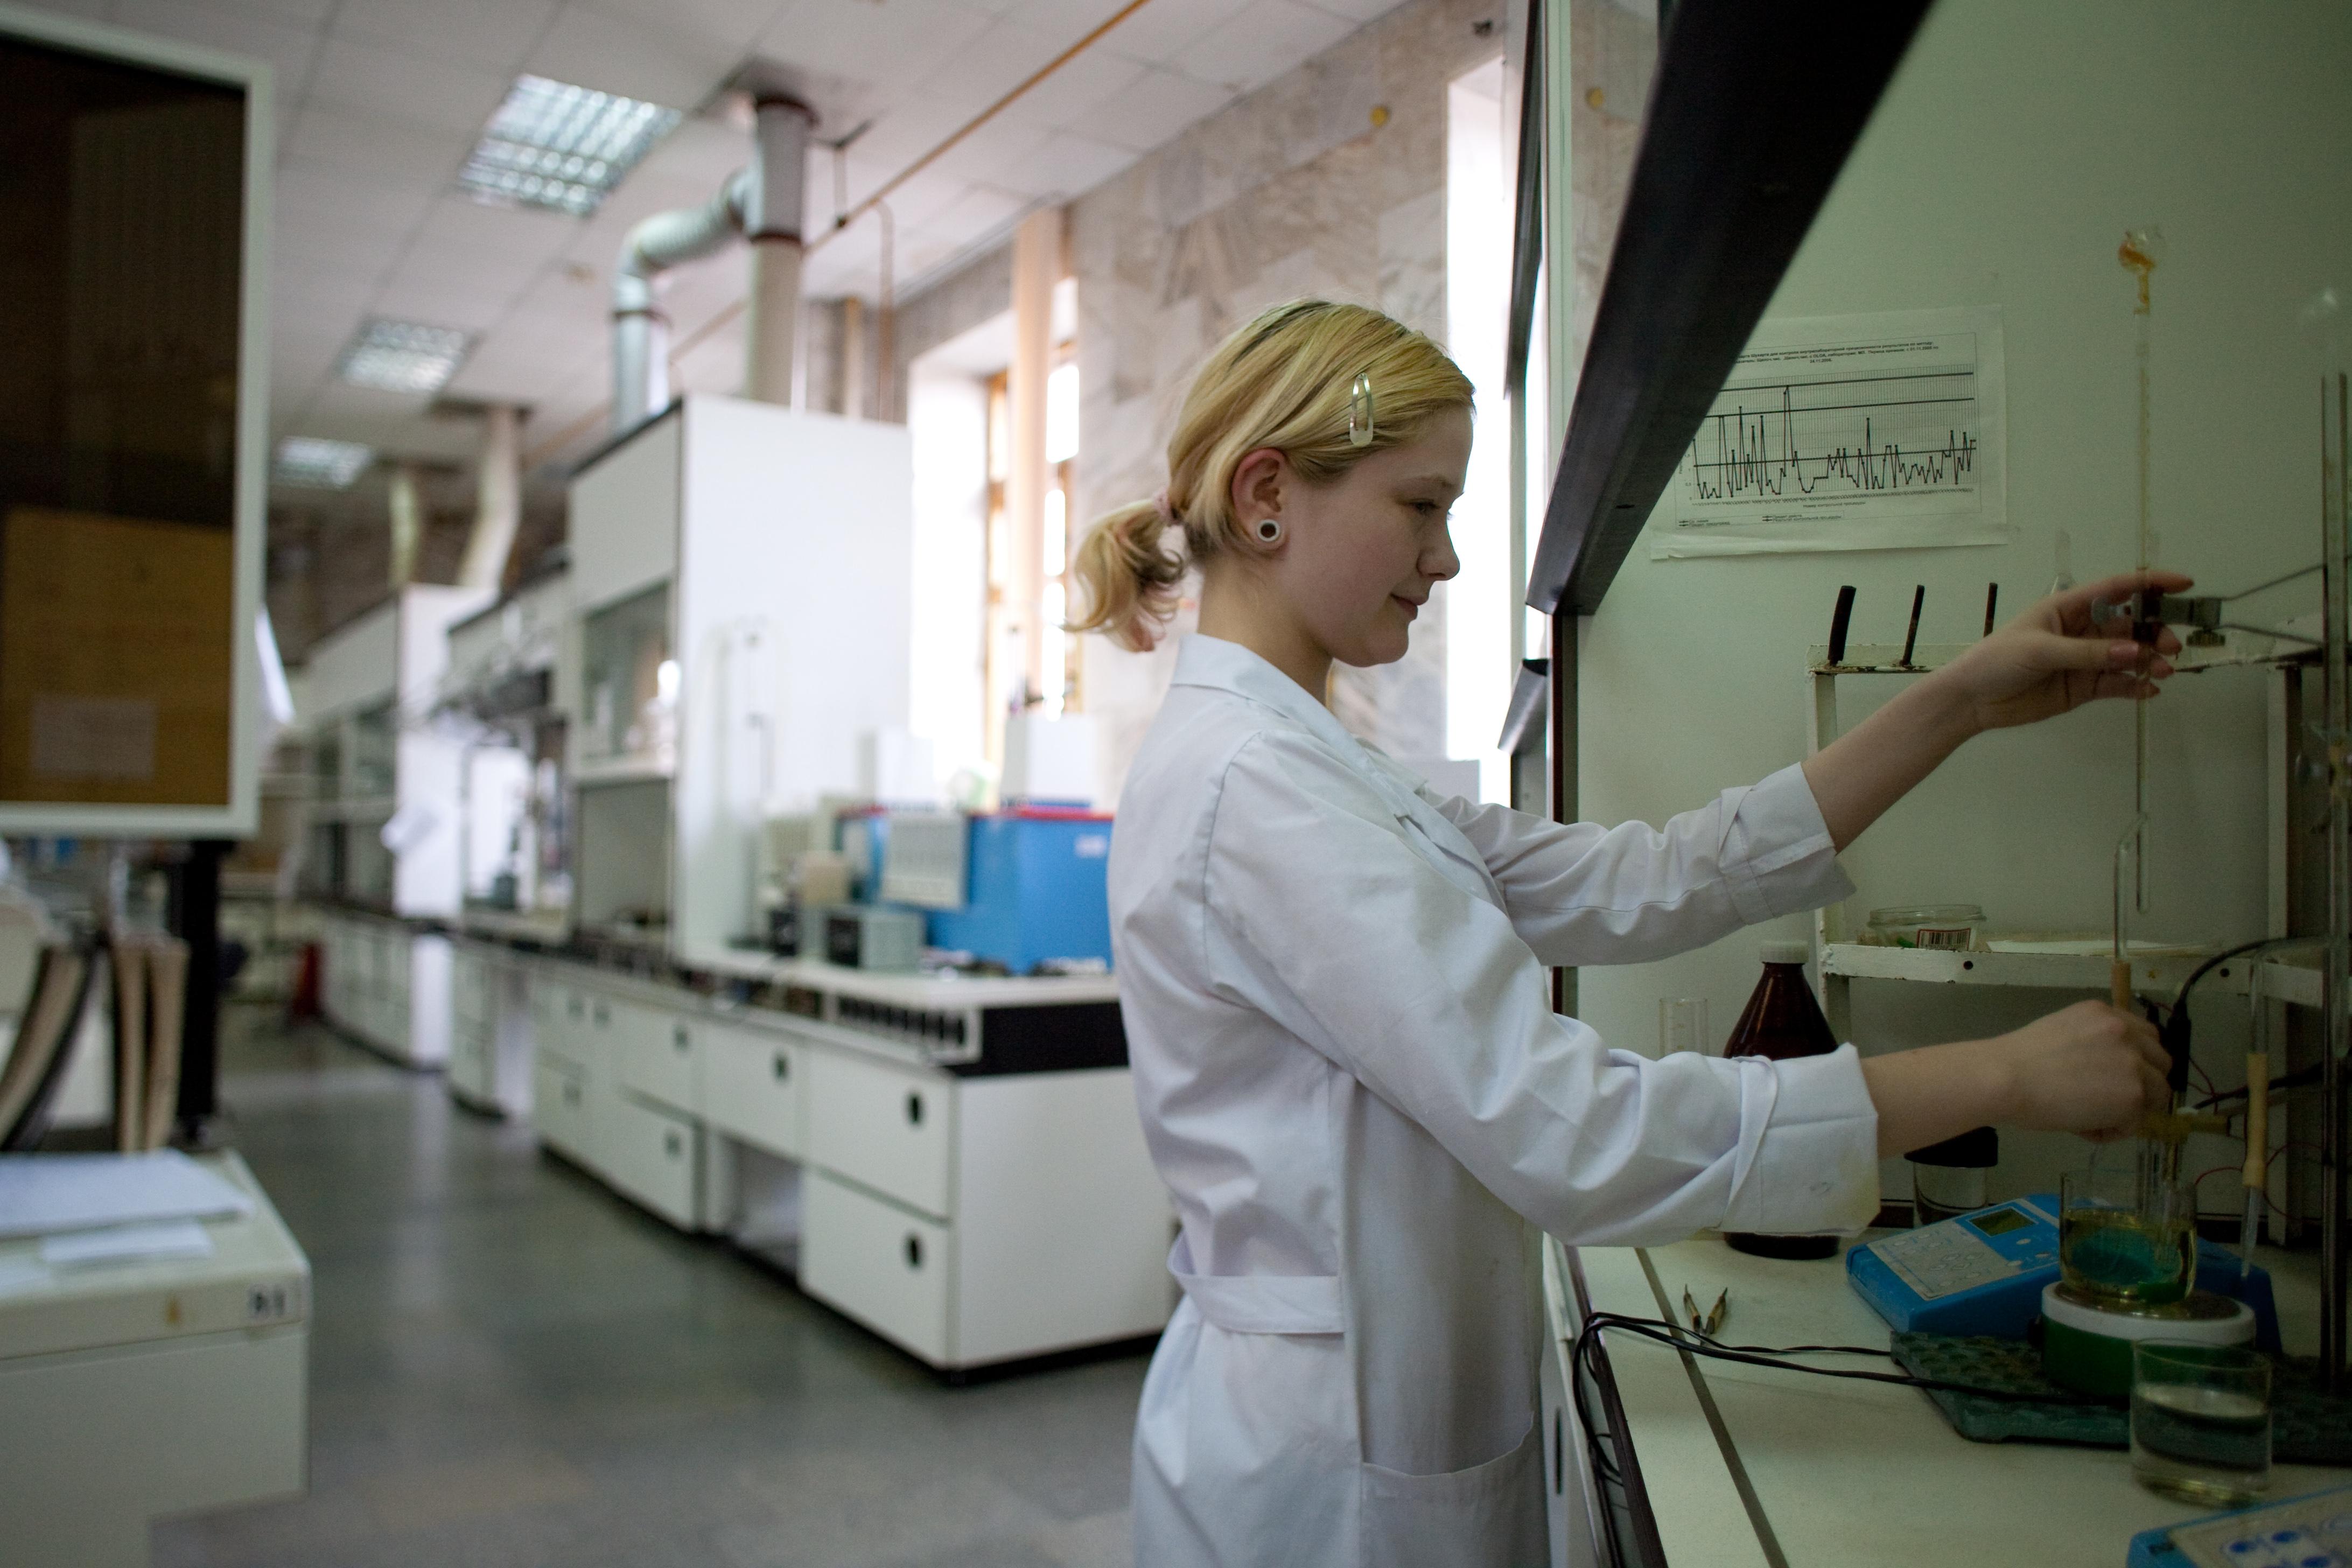 дехтерман а лаборант нефтеперерабатывающего завода